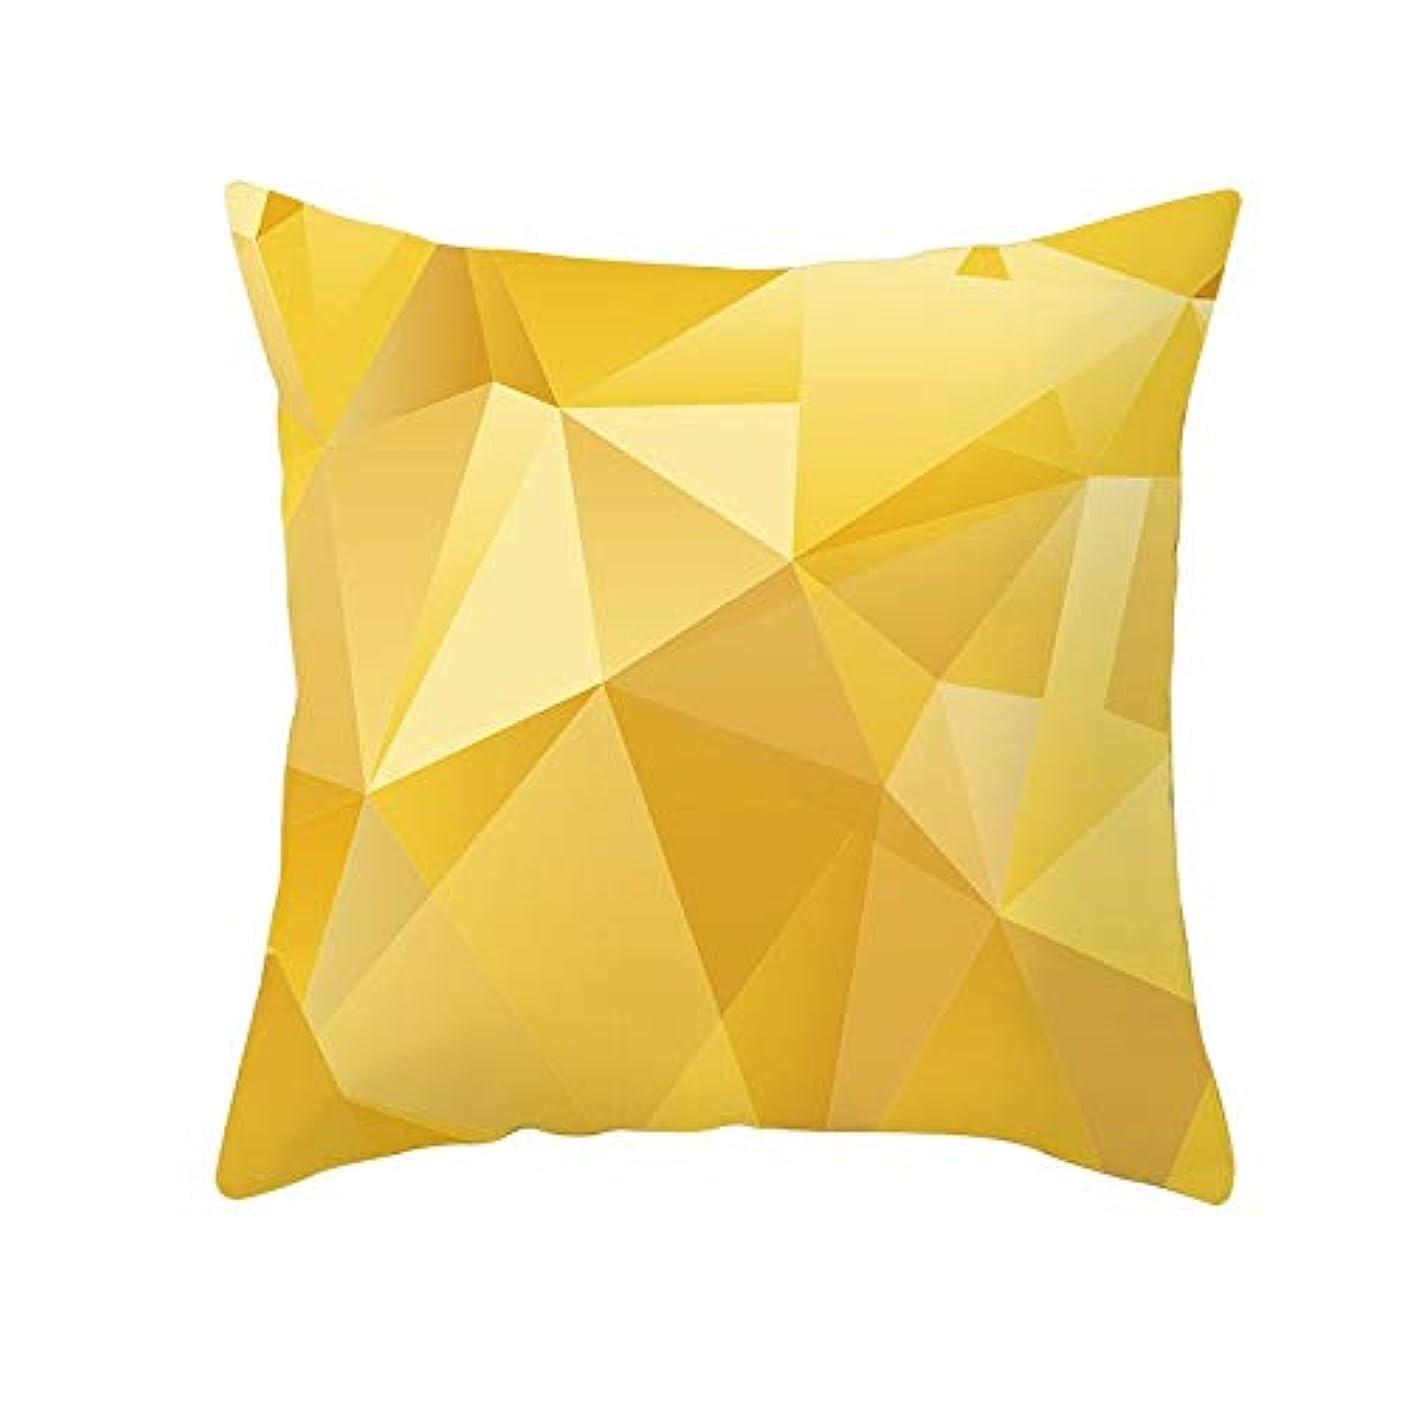 スイングゴルフ講師LIFE 装飾クッションソファ 幾何学プリントポリエステル正方形の枕ソファスロークッション家の装飾 coussin デ長椅子 クッション 椅子